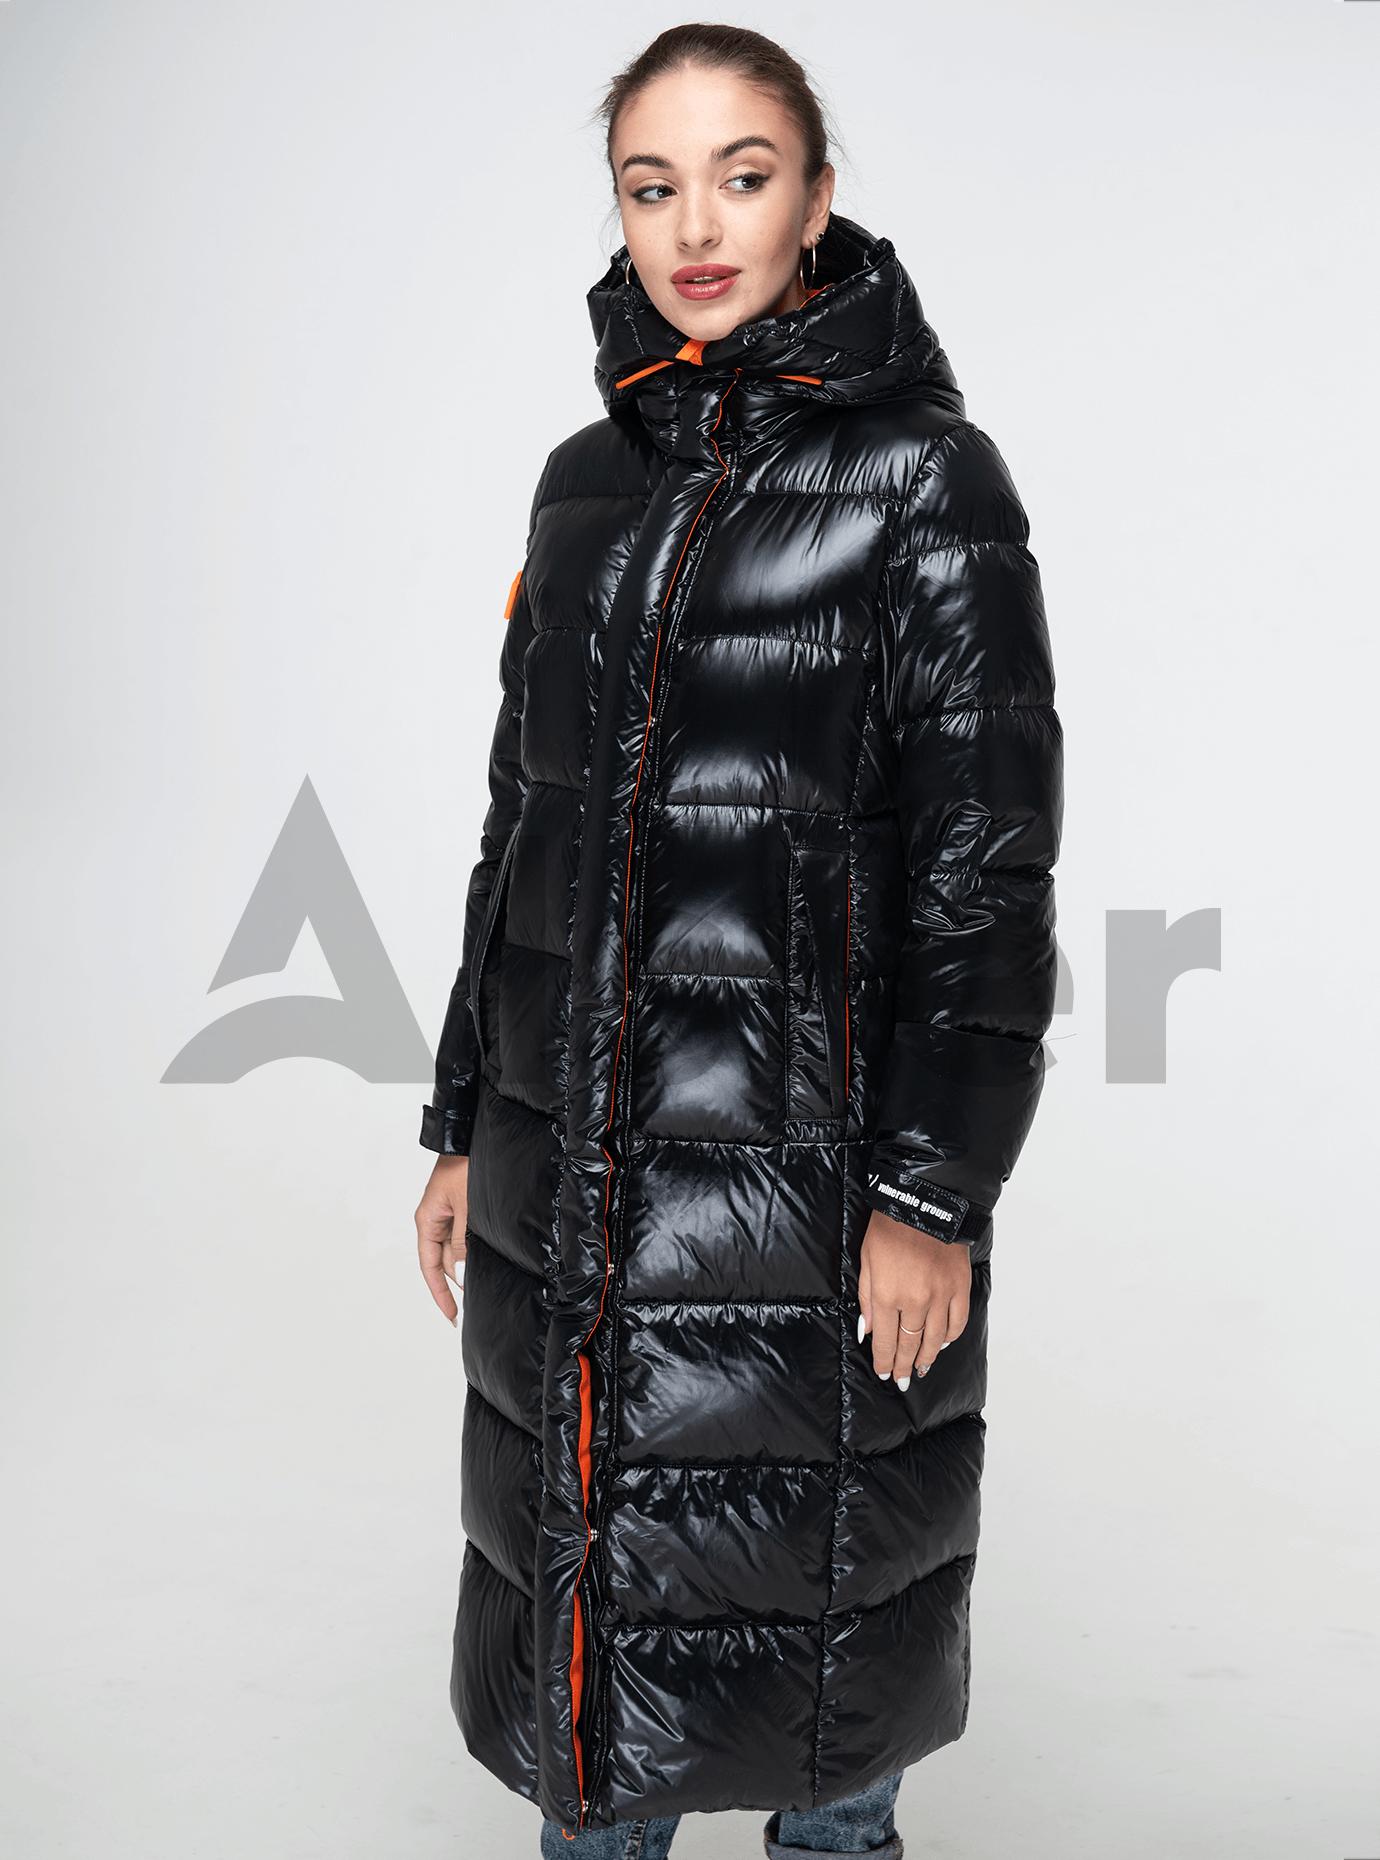 Пуховик женский длинный прямой Чёрный S (02-Y191102): фото - Alster.ua